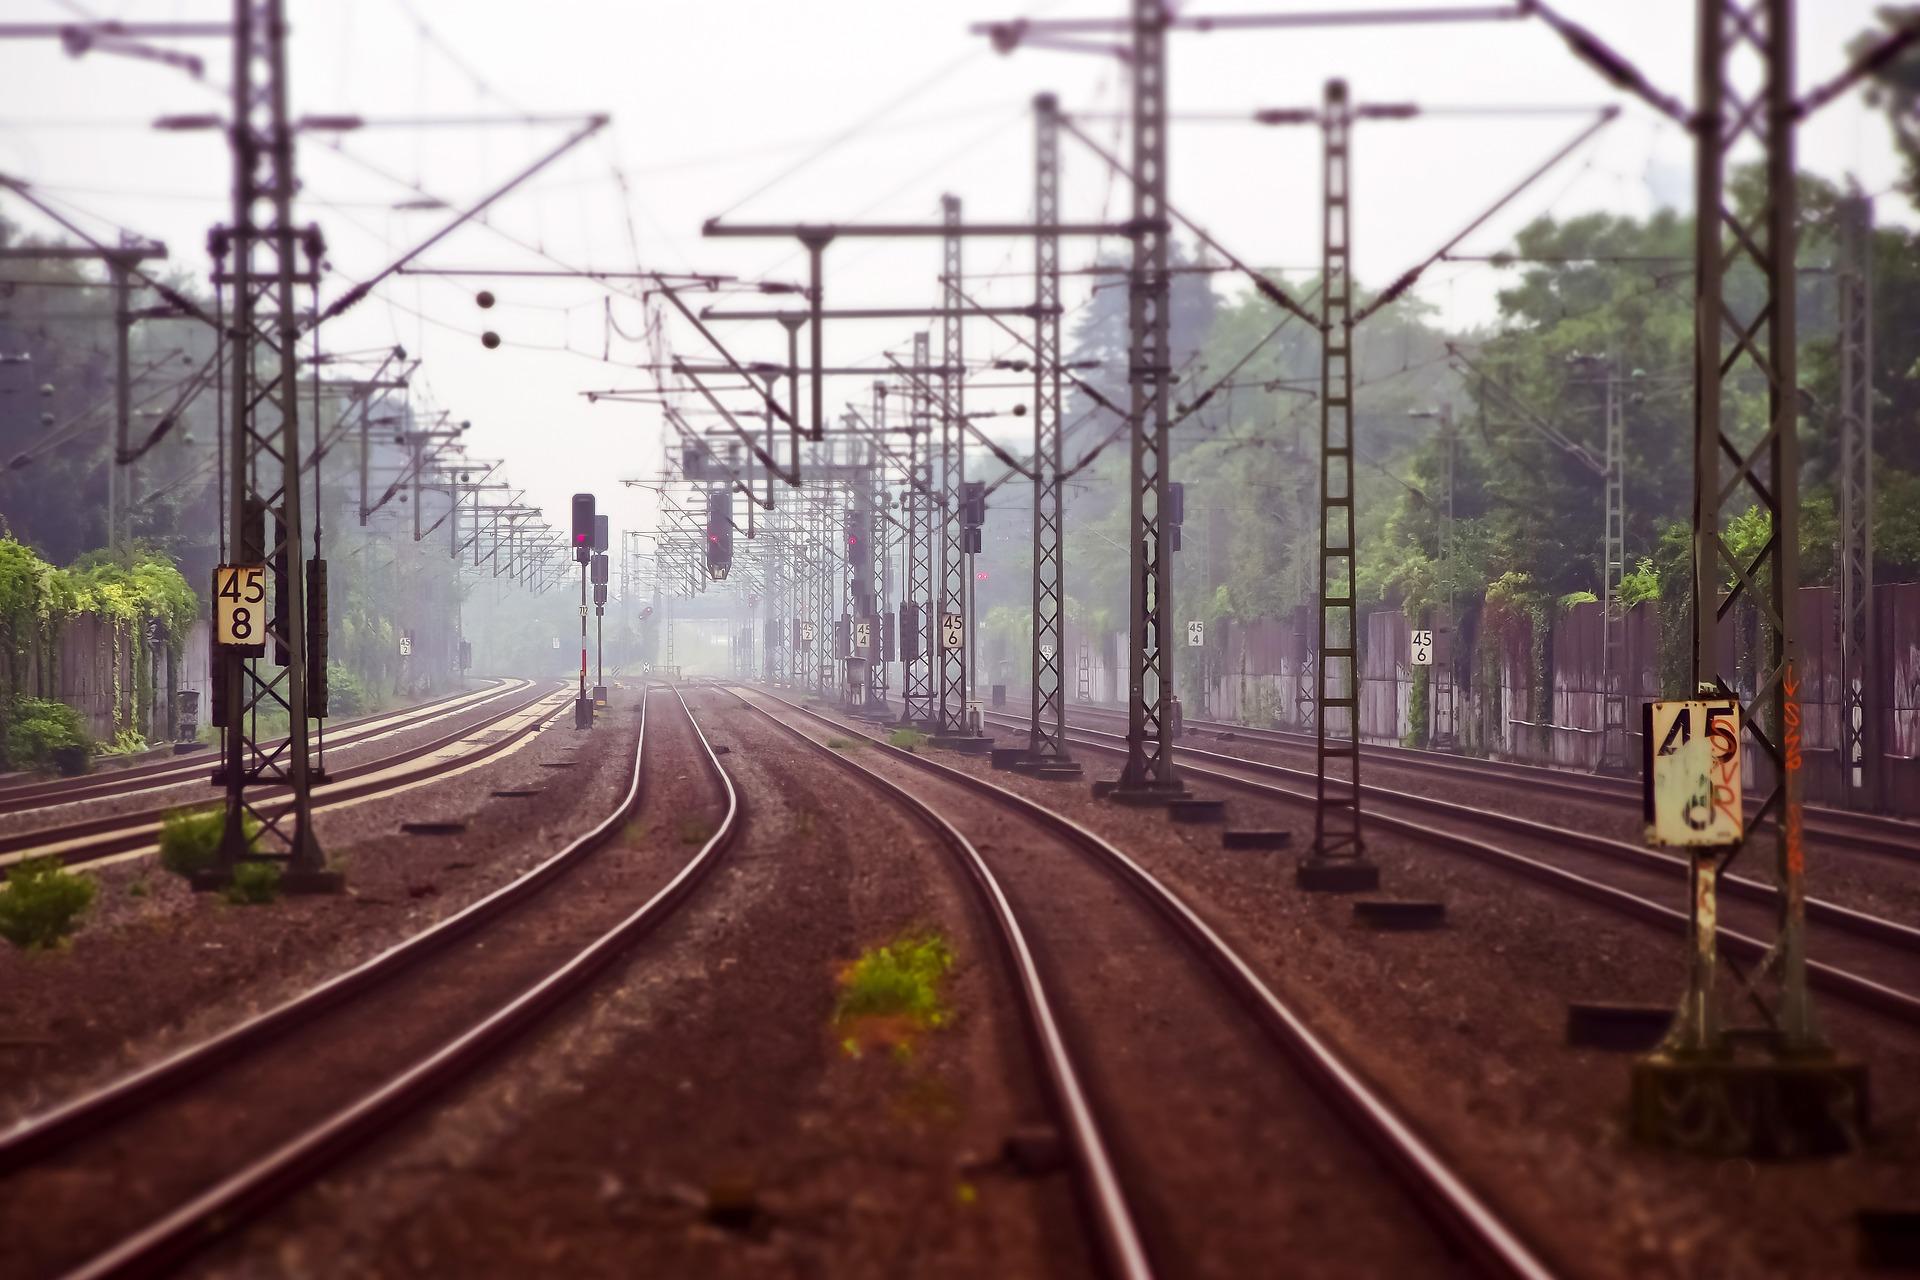 Trasporto ferroviario: a Mosca un nuovo laboratorio di ricerca per testare il sistema di interlocking di ECM